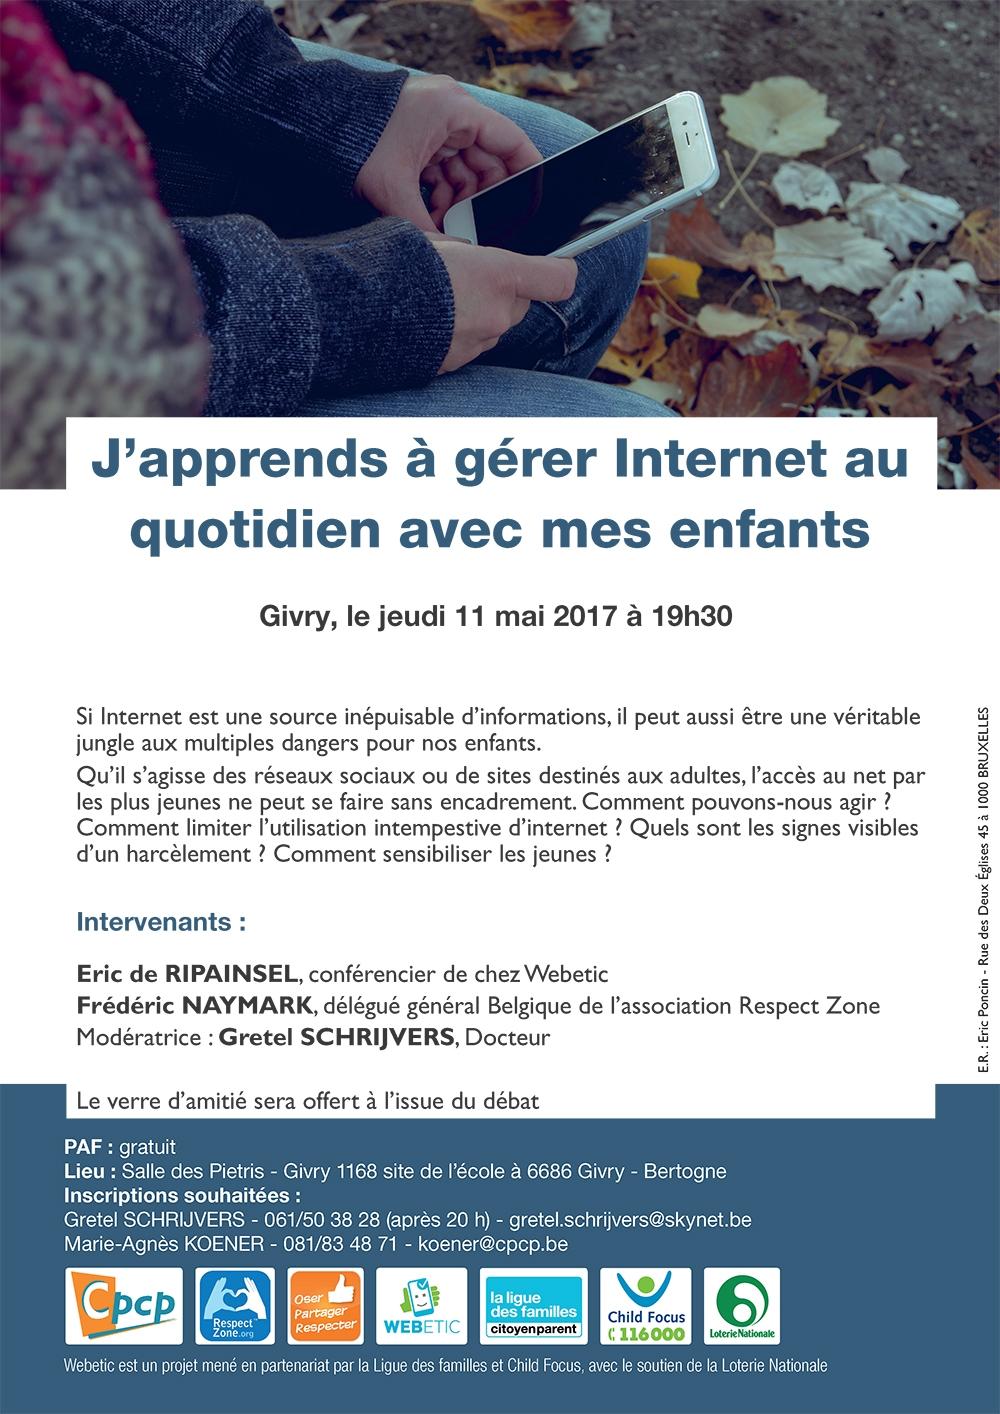 Nouvelle image 11mai 2017 cyberharcèlement à Bertogne